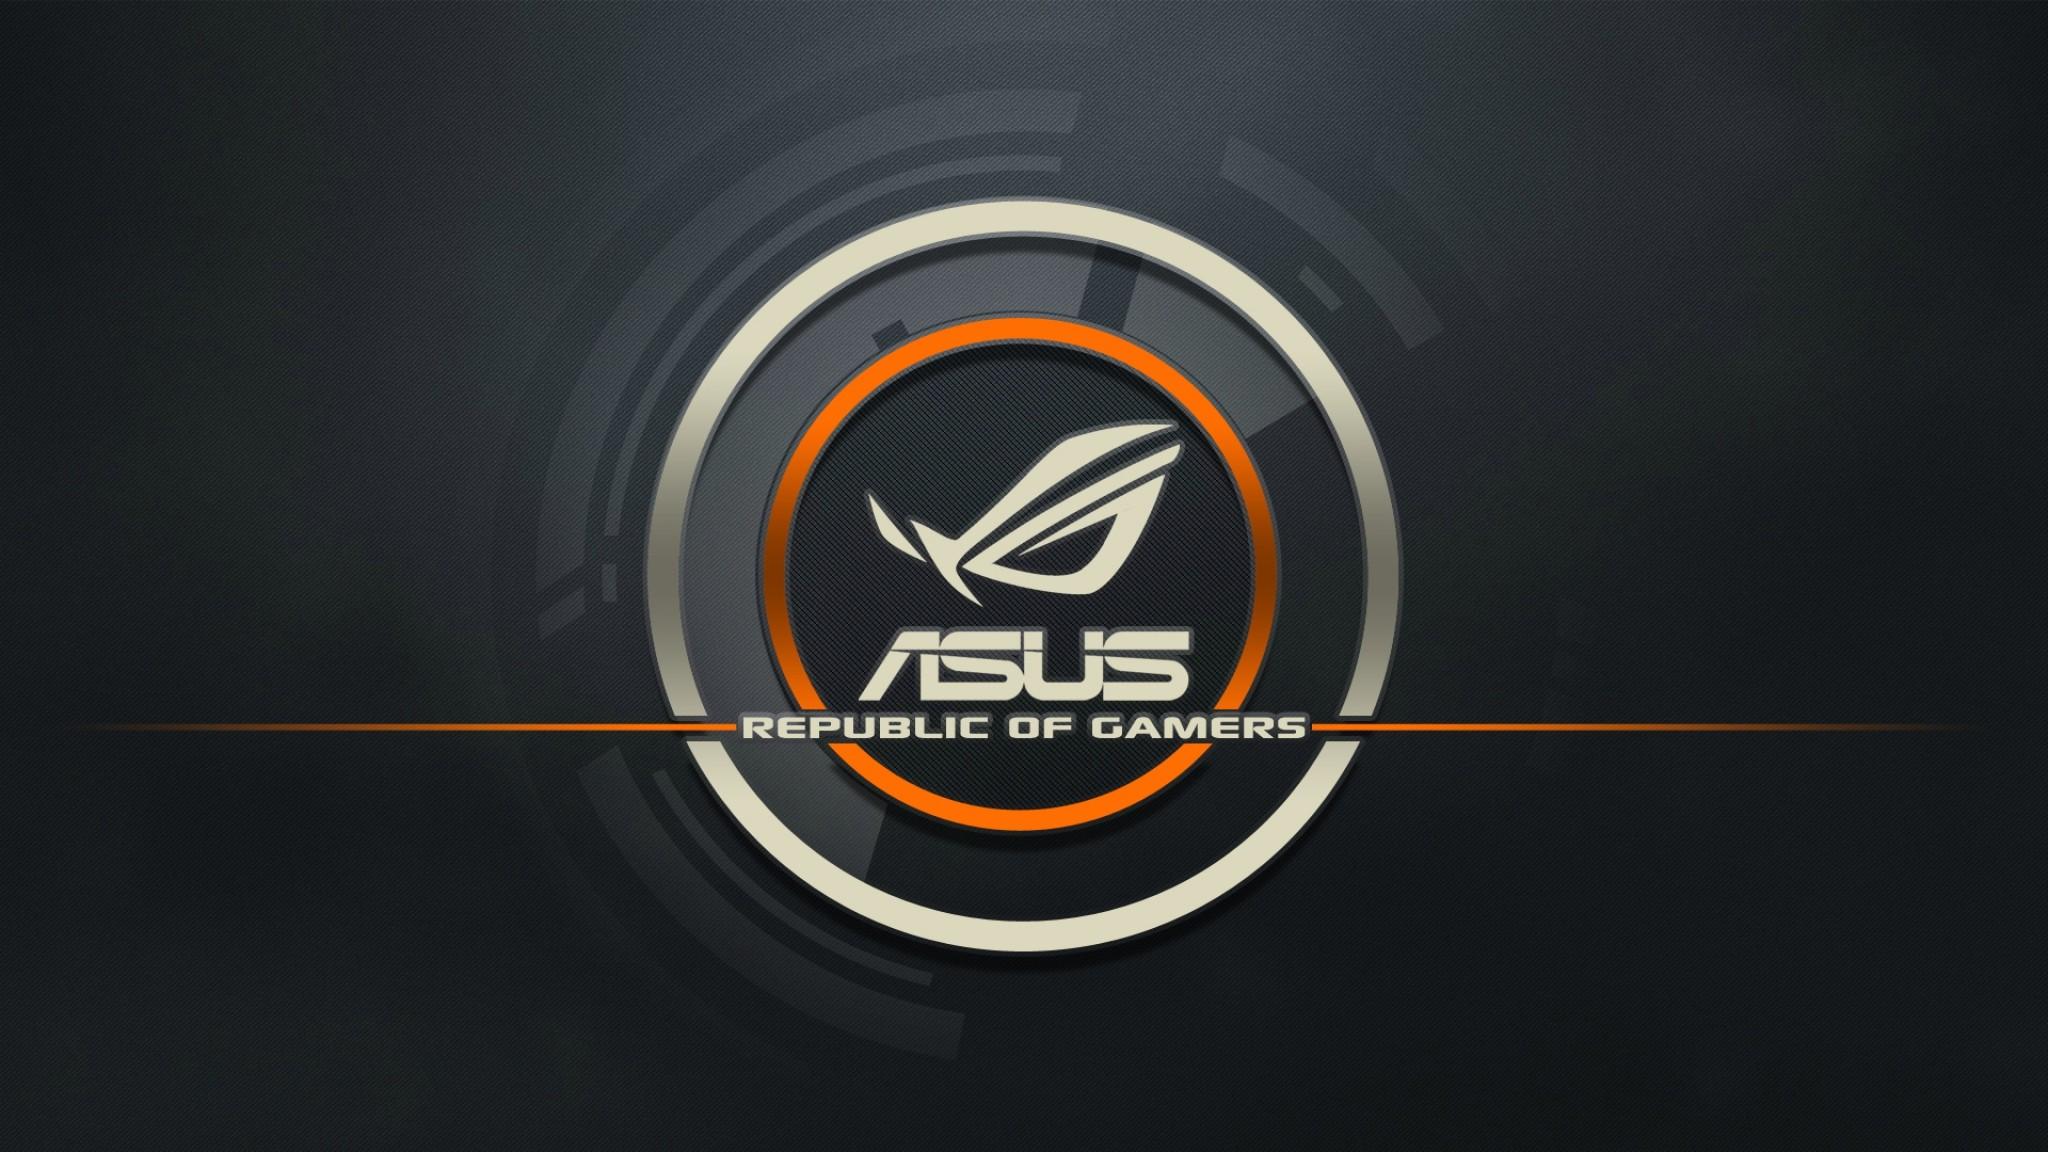 Wallpaper asus, logo, republic of gamers, computer